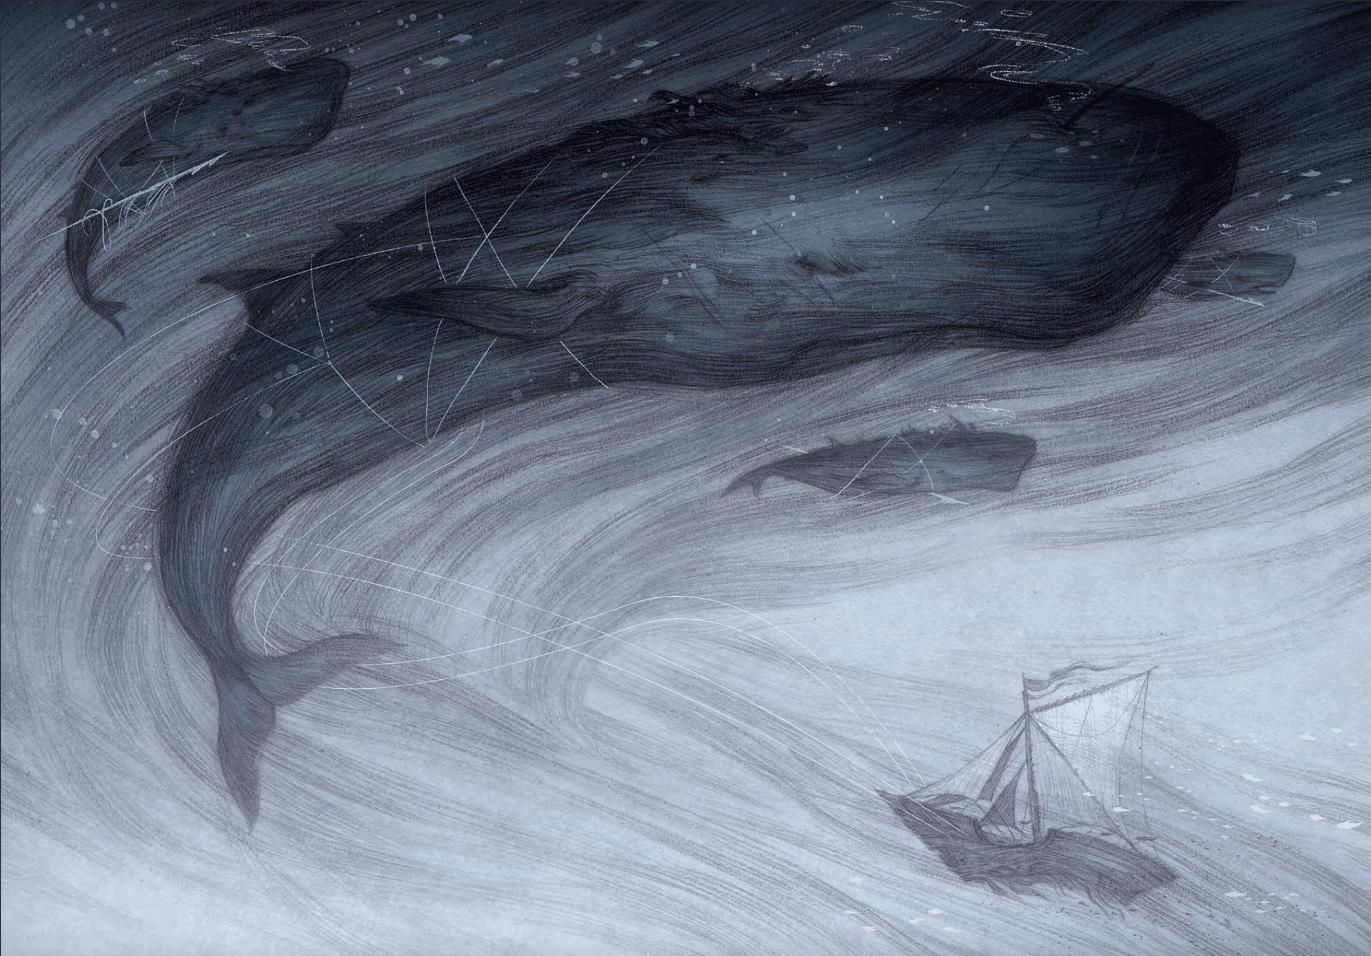 Og havet var vores himmel, Patrick Ness, YA, Young adult, Monster